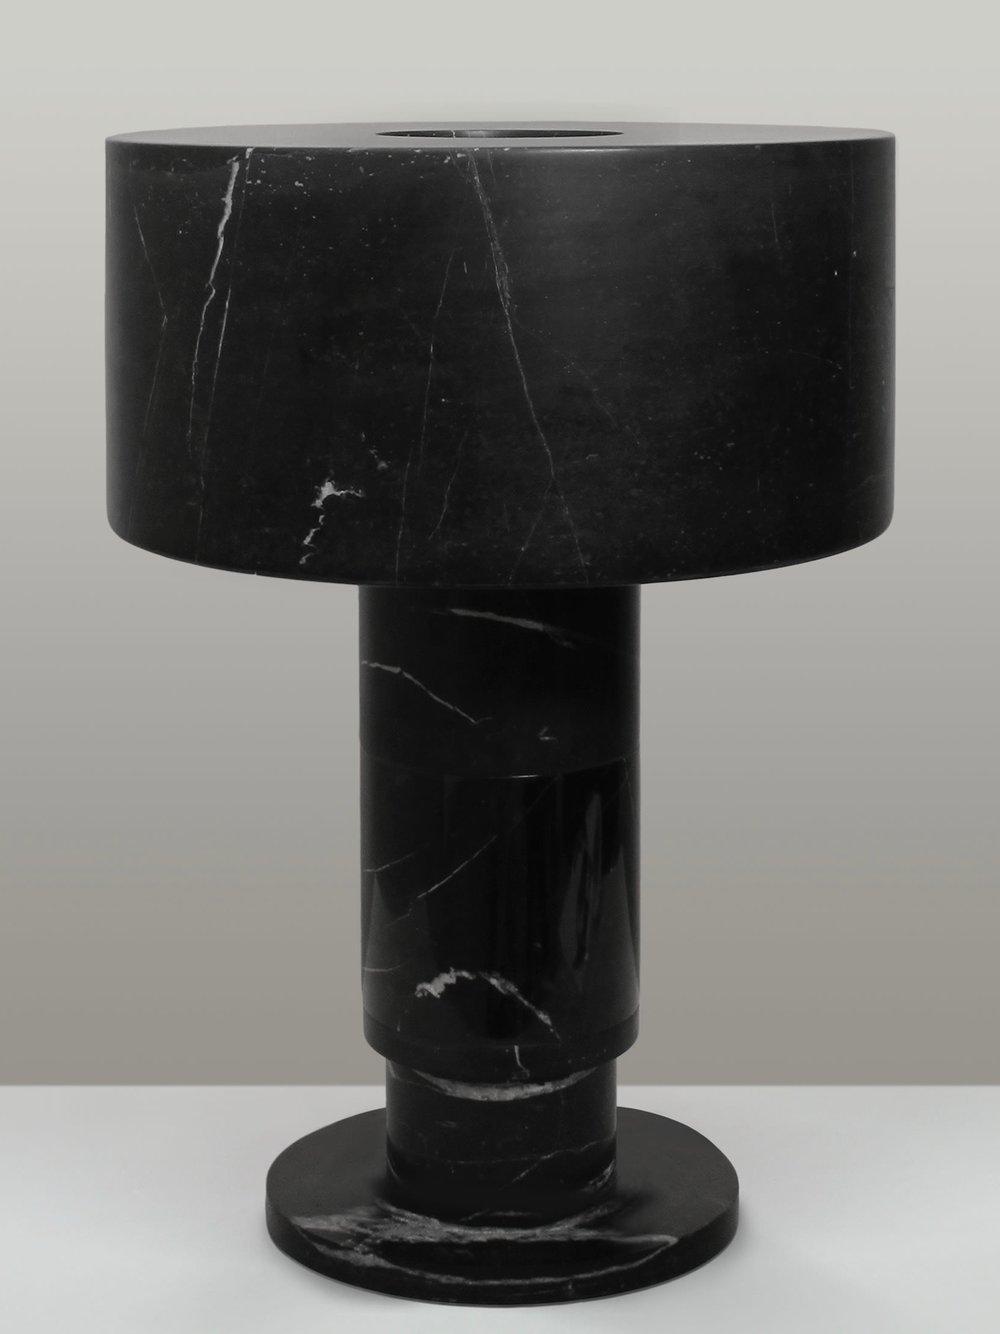 product-gillescaffier-table-lamps-LI079BA-1-1(1) 2.jpg